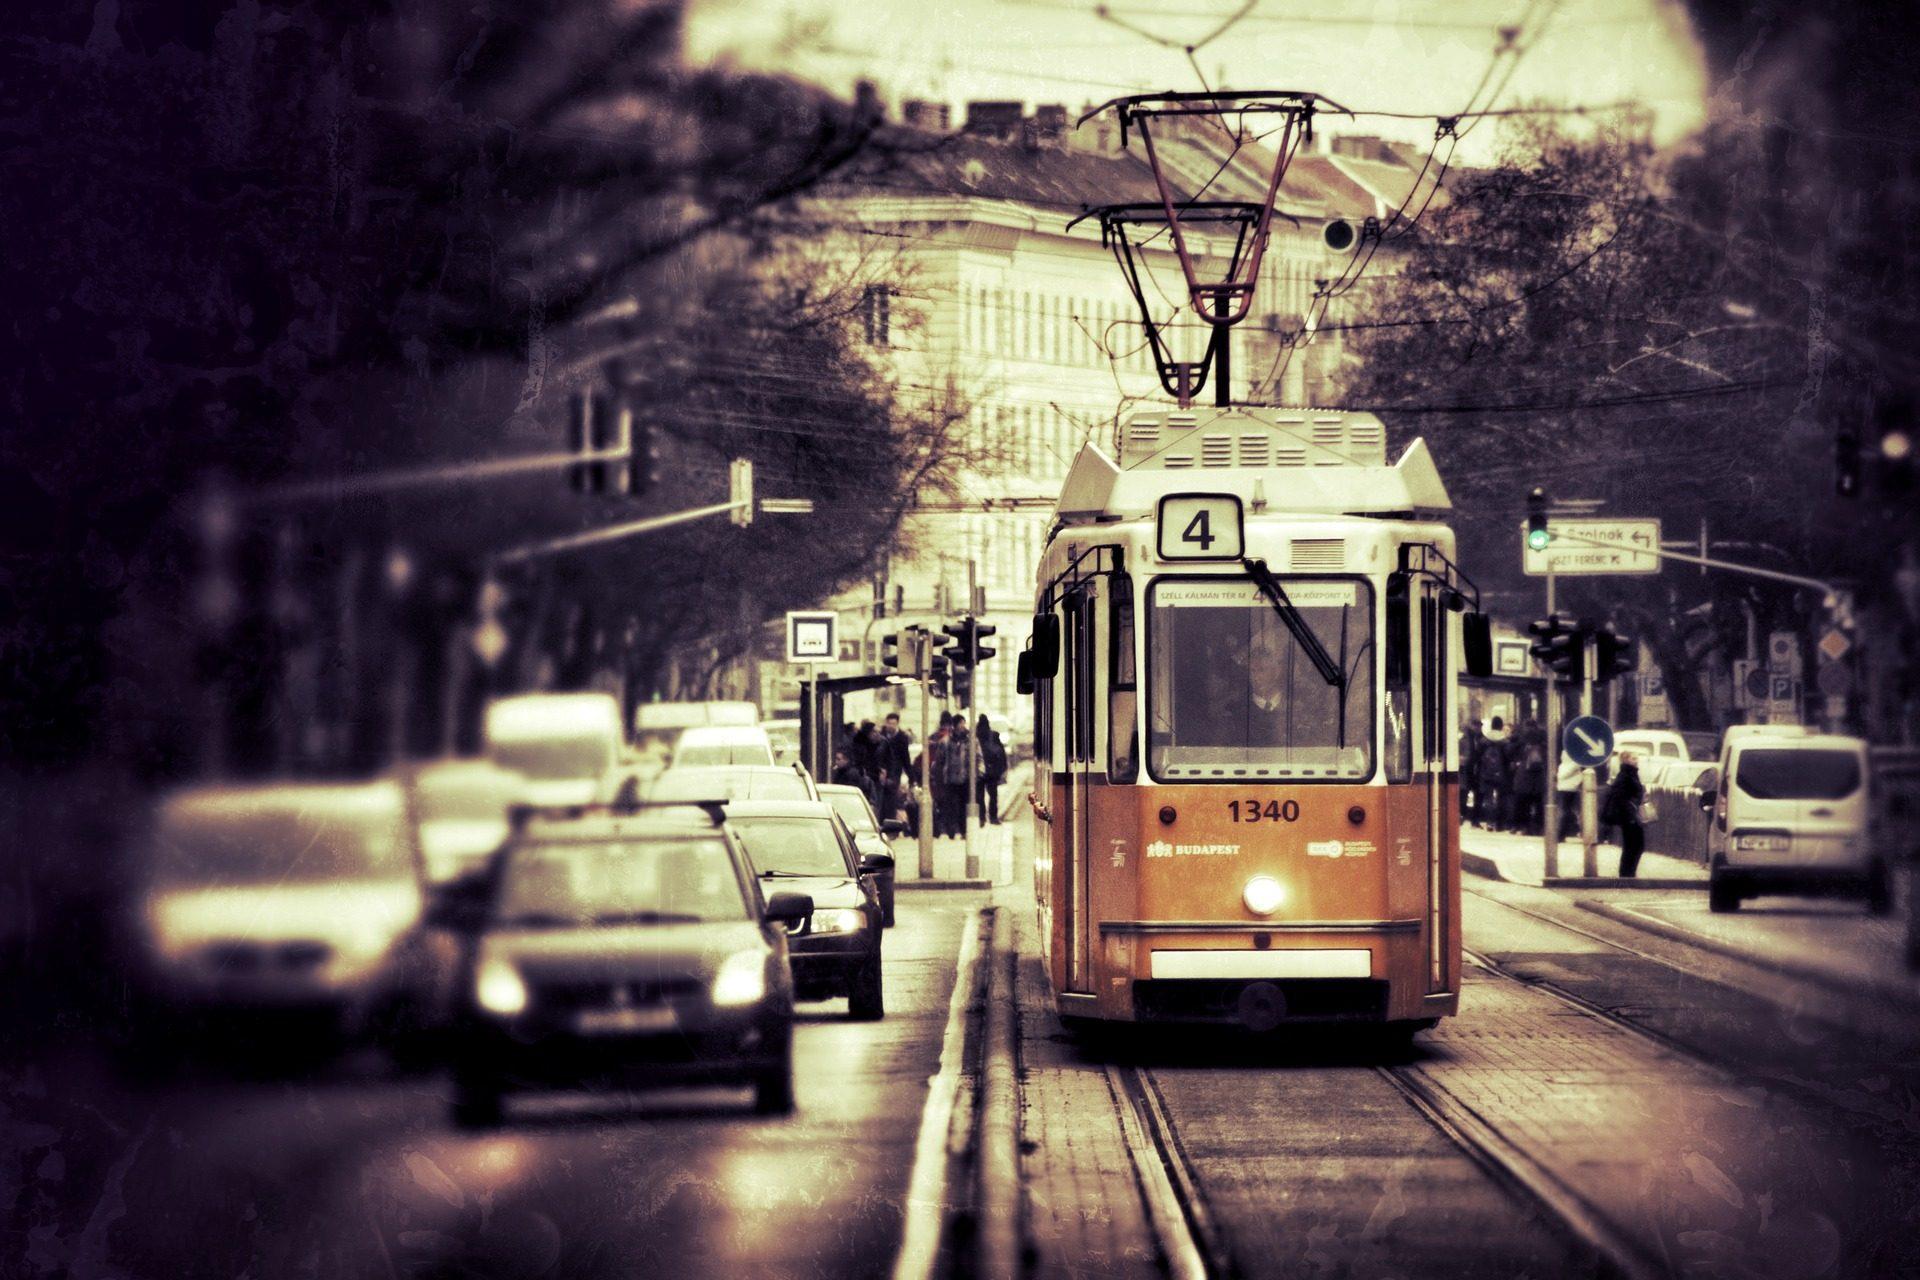 Cidade, tráfego, eléctrico, aglomeração, Budapest - Papéis de parede HD - Professor-falken.com